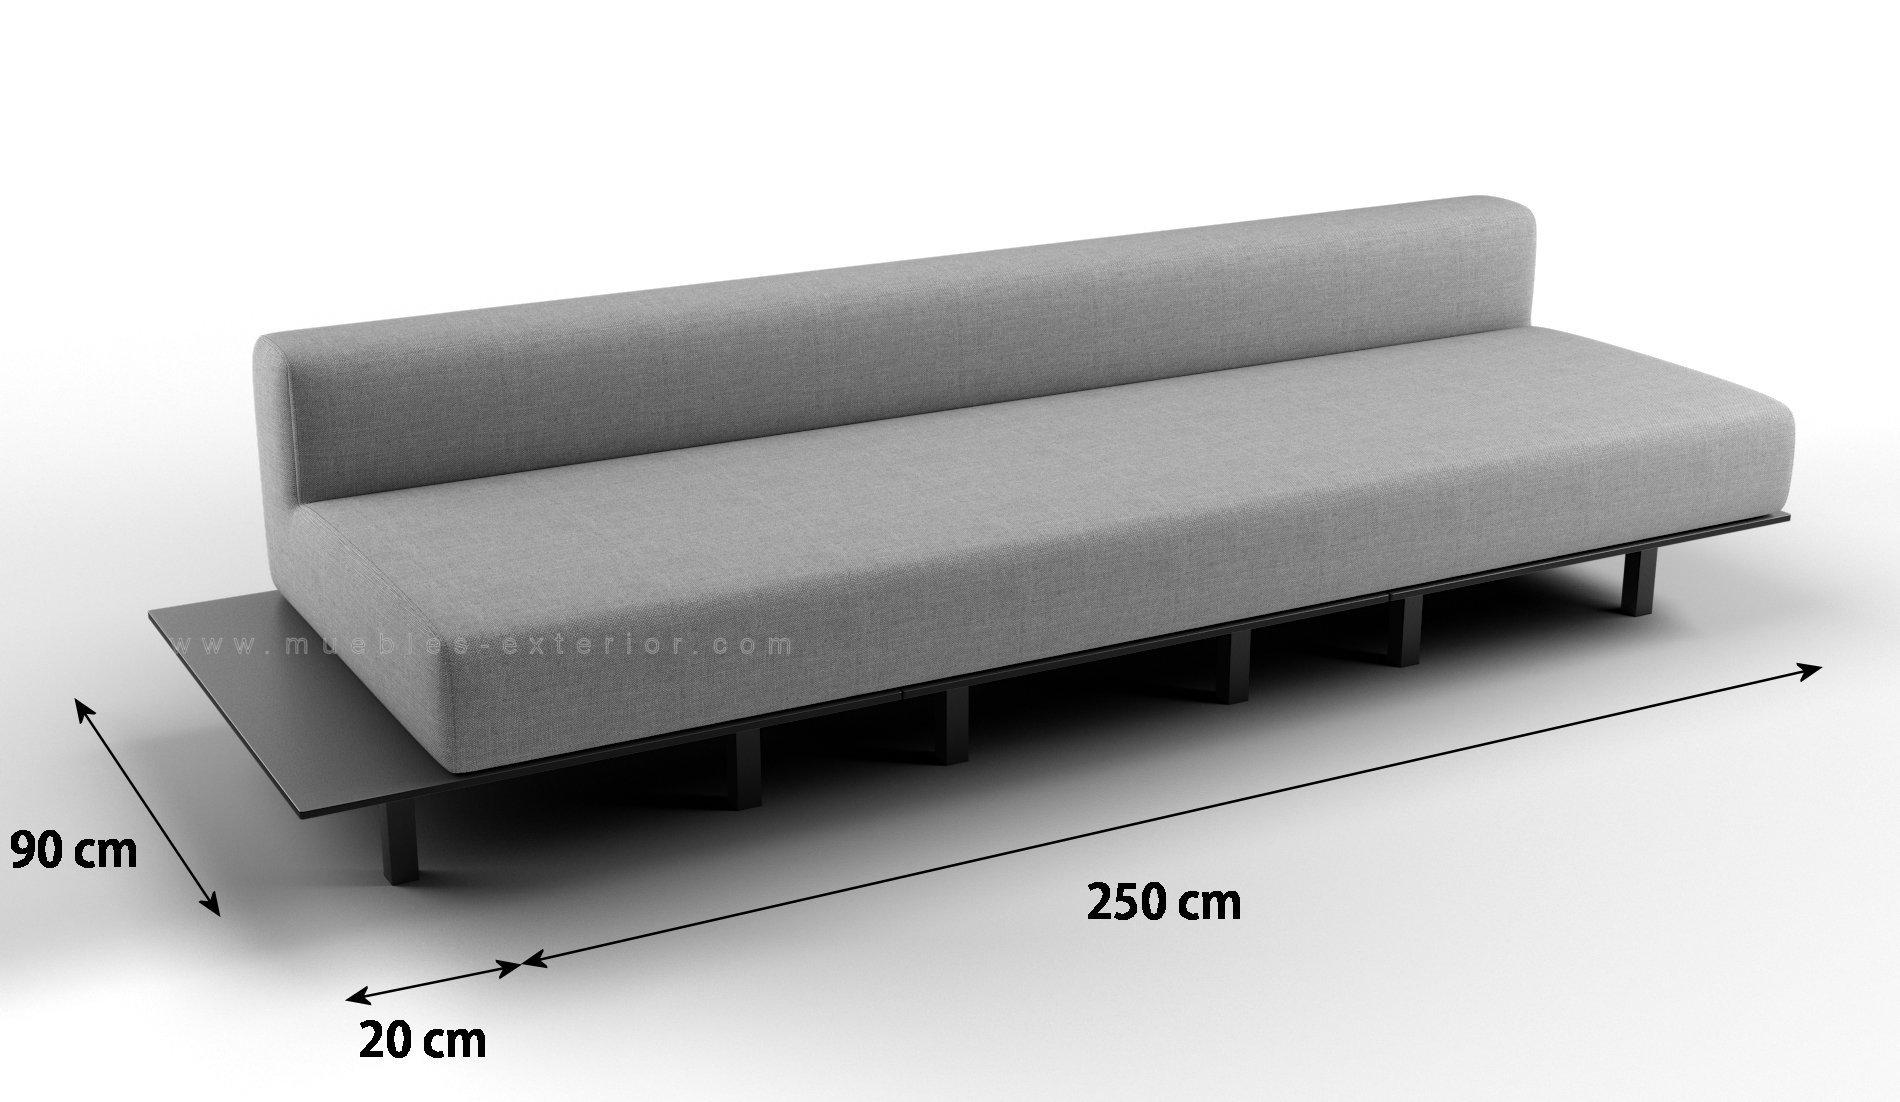 M dulo mueble de jard n central platform sin brazos 4 5 for Cojin para sofa exterior